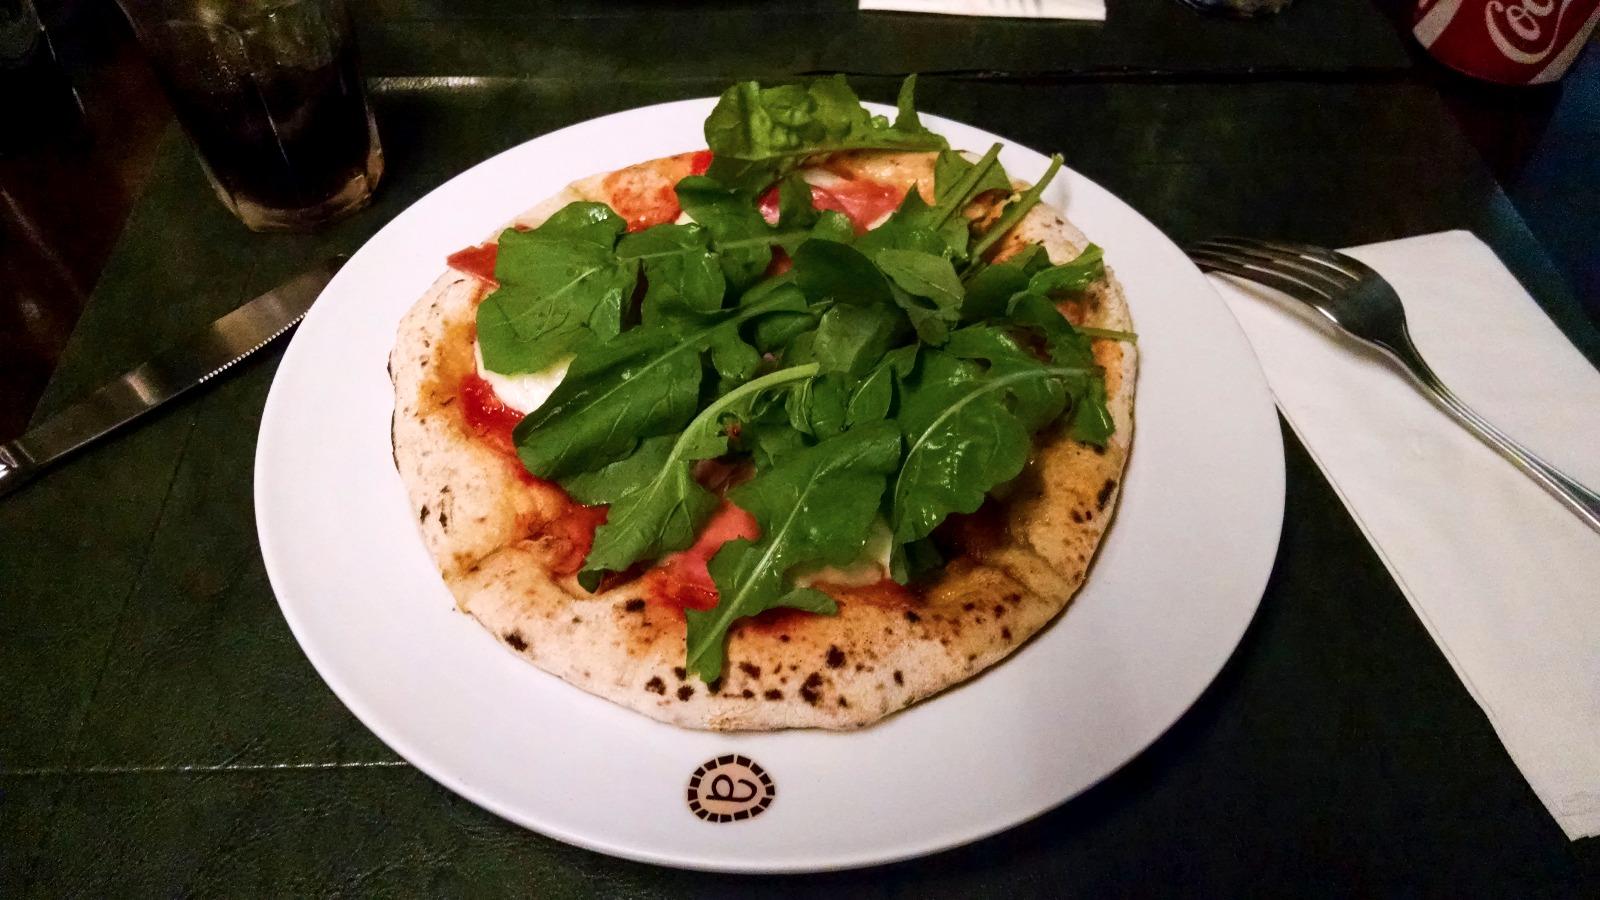 lugares para ir em sp,onde comer em sp,onde comer em sao paulo, pizza em sp, pizza na augusta, pizzaria na augusta,pizzaria em sp